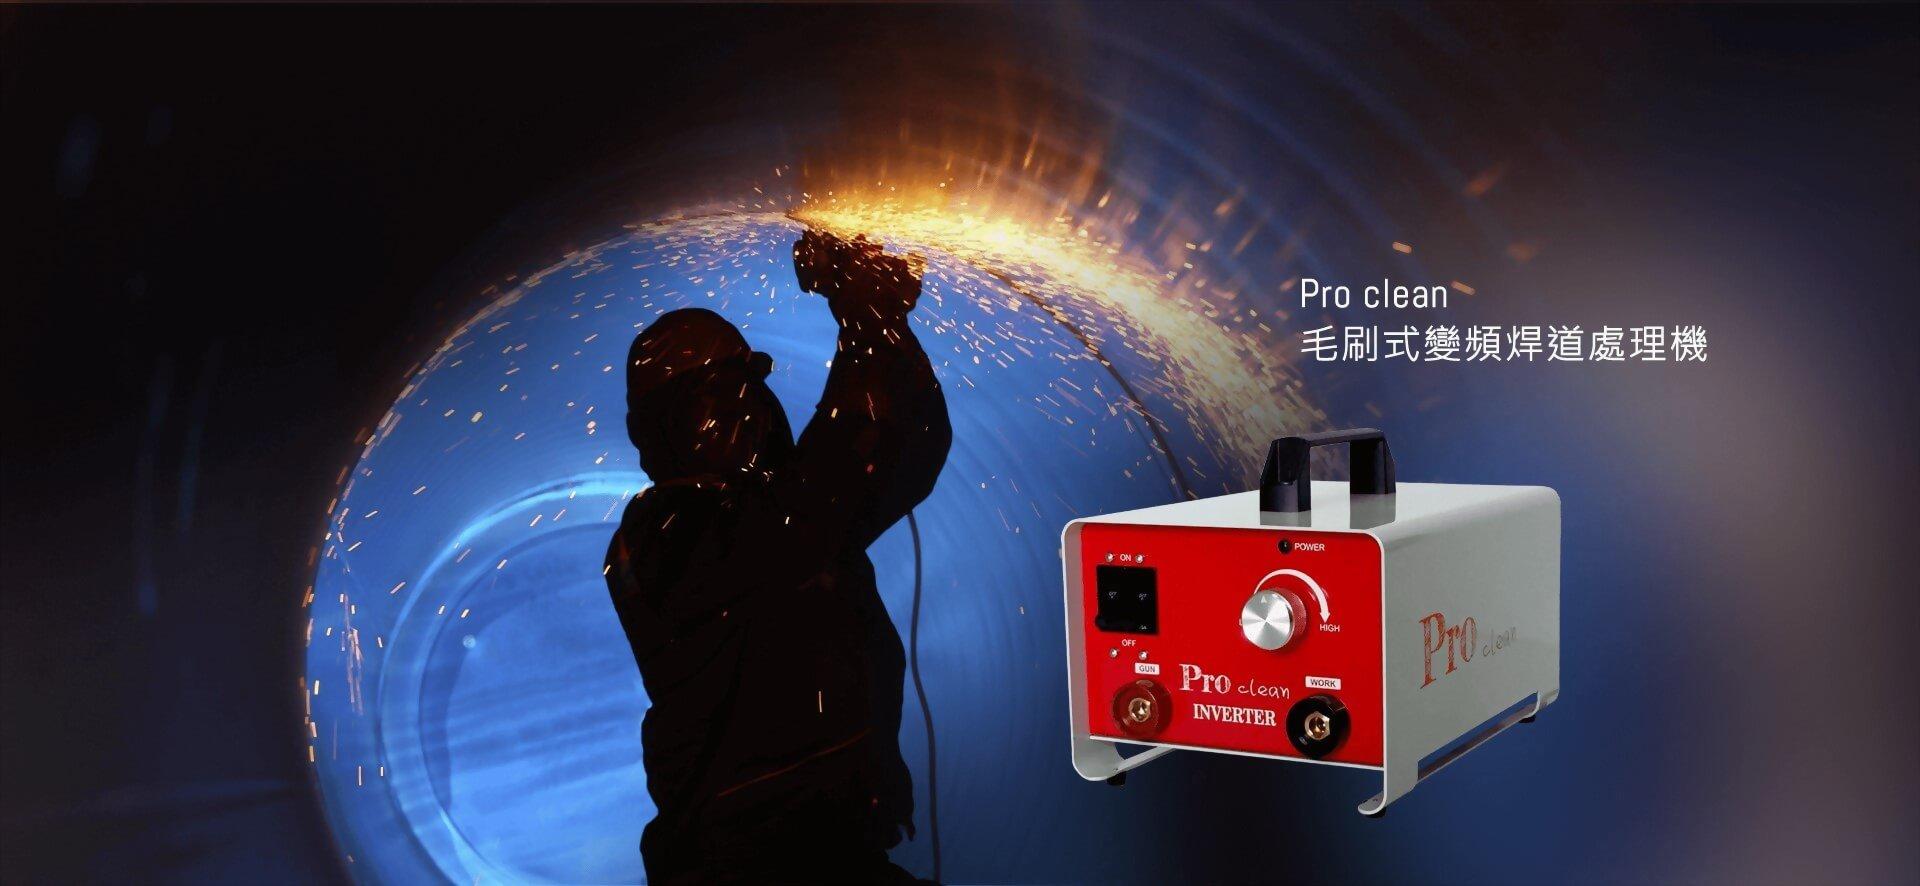 Pro clean 毛刷式變頻焊道處理機